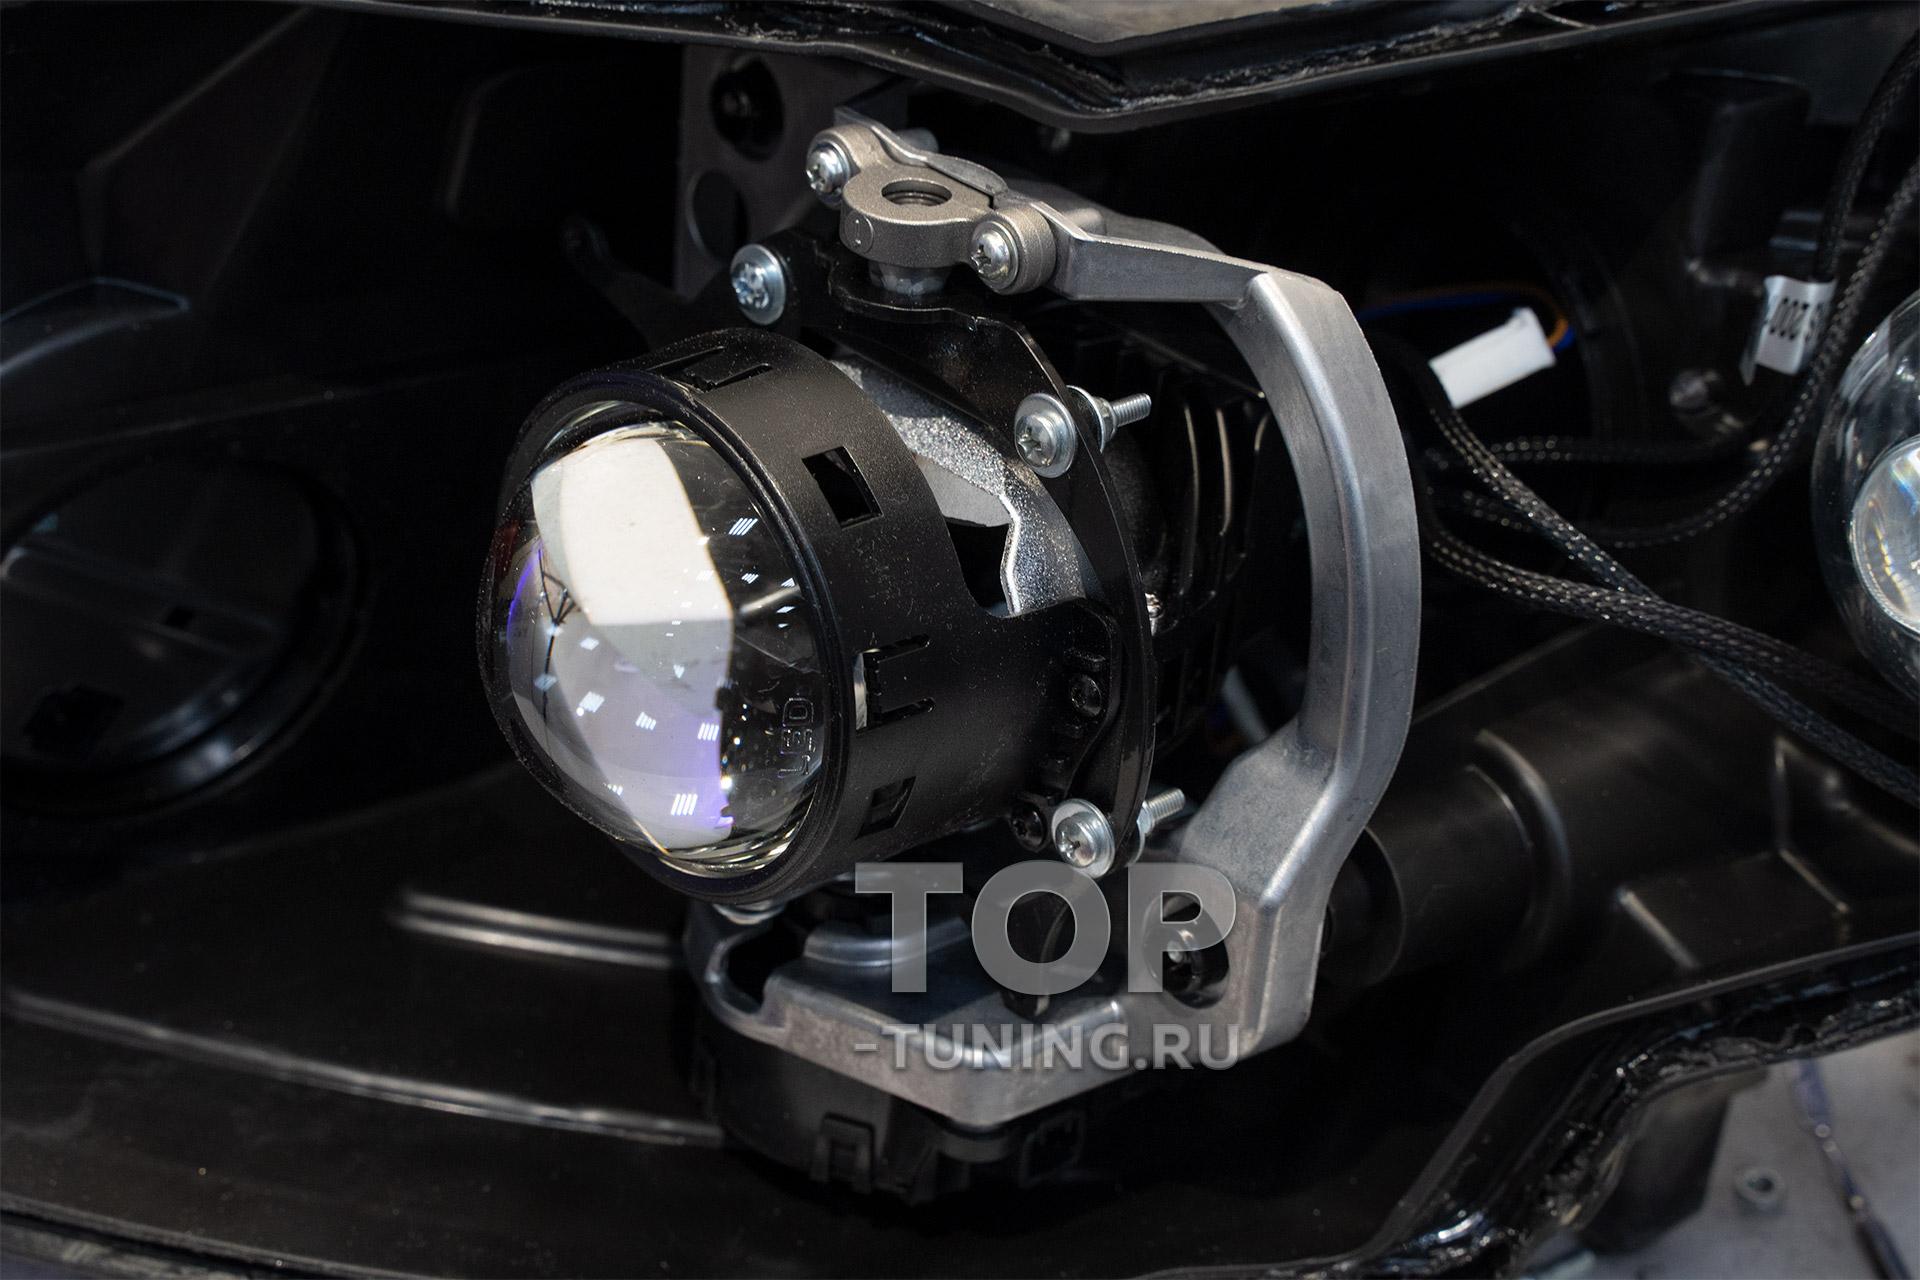 Замена линз в оптике Инфинити - светодиодные би лед линзы MTF Night Assistant